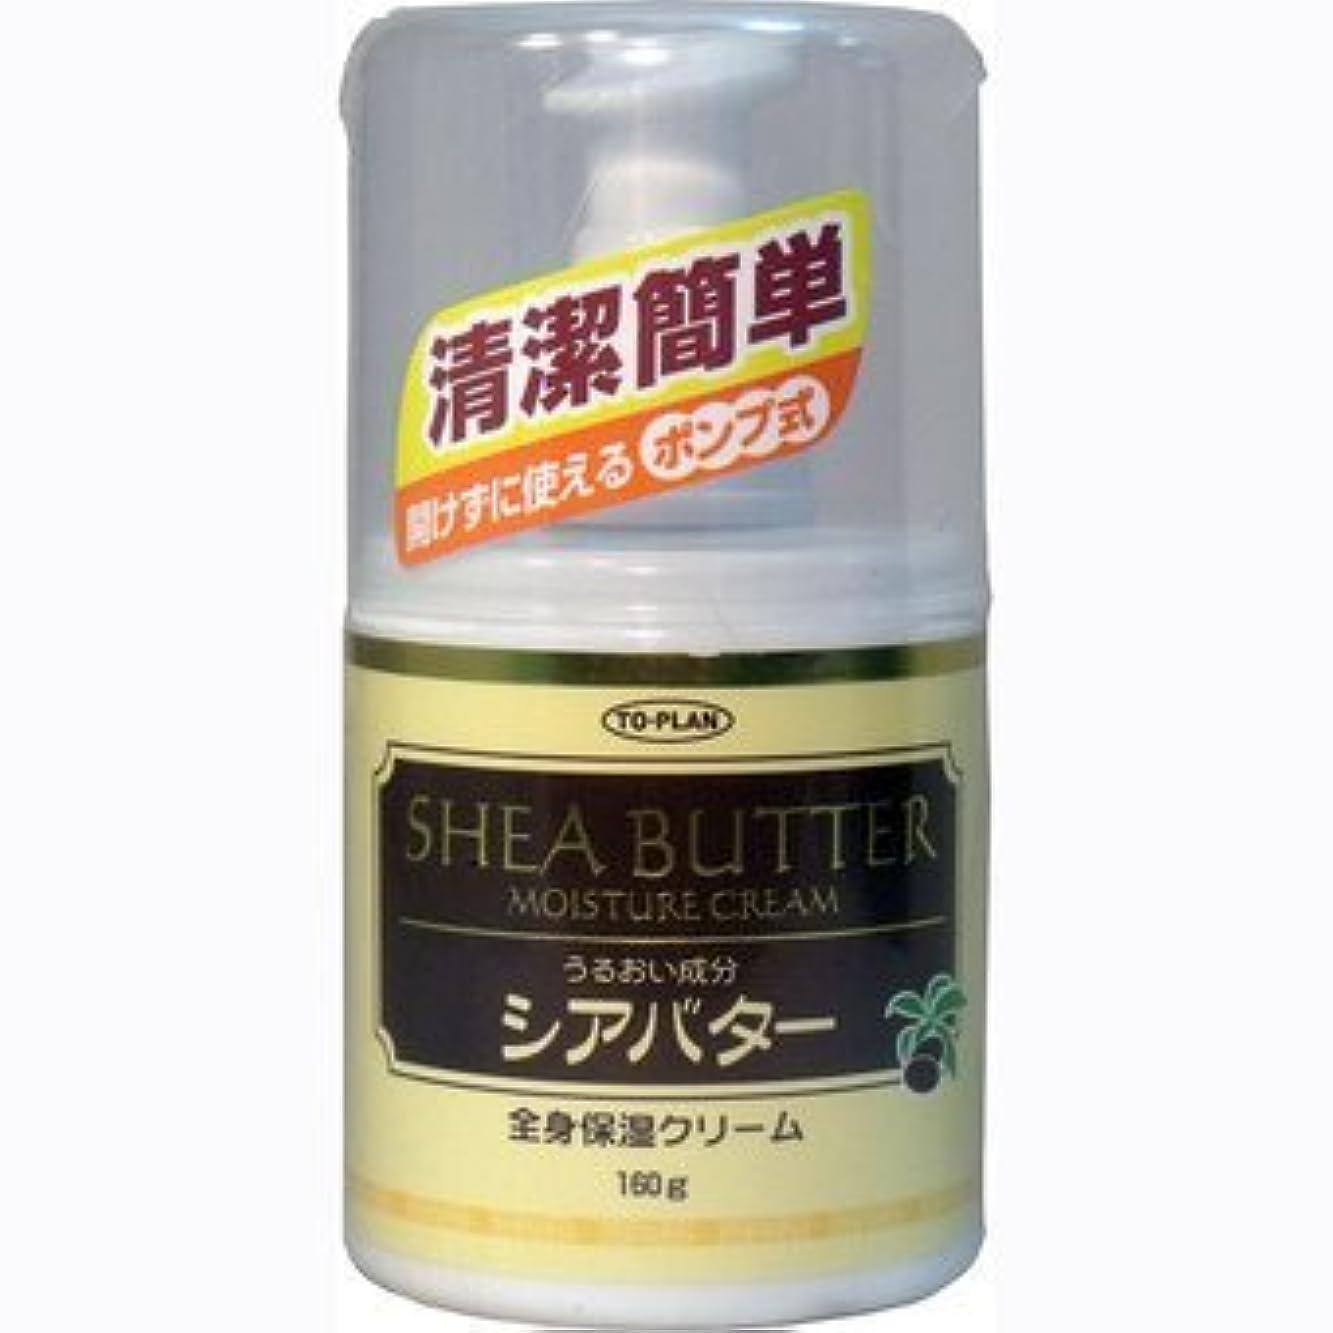 怖がらせる辛い確認するトプランお肌の乾燥を防ぐ 全身保湿クリーム シアバター ポンプ式 160g×3個